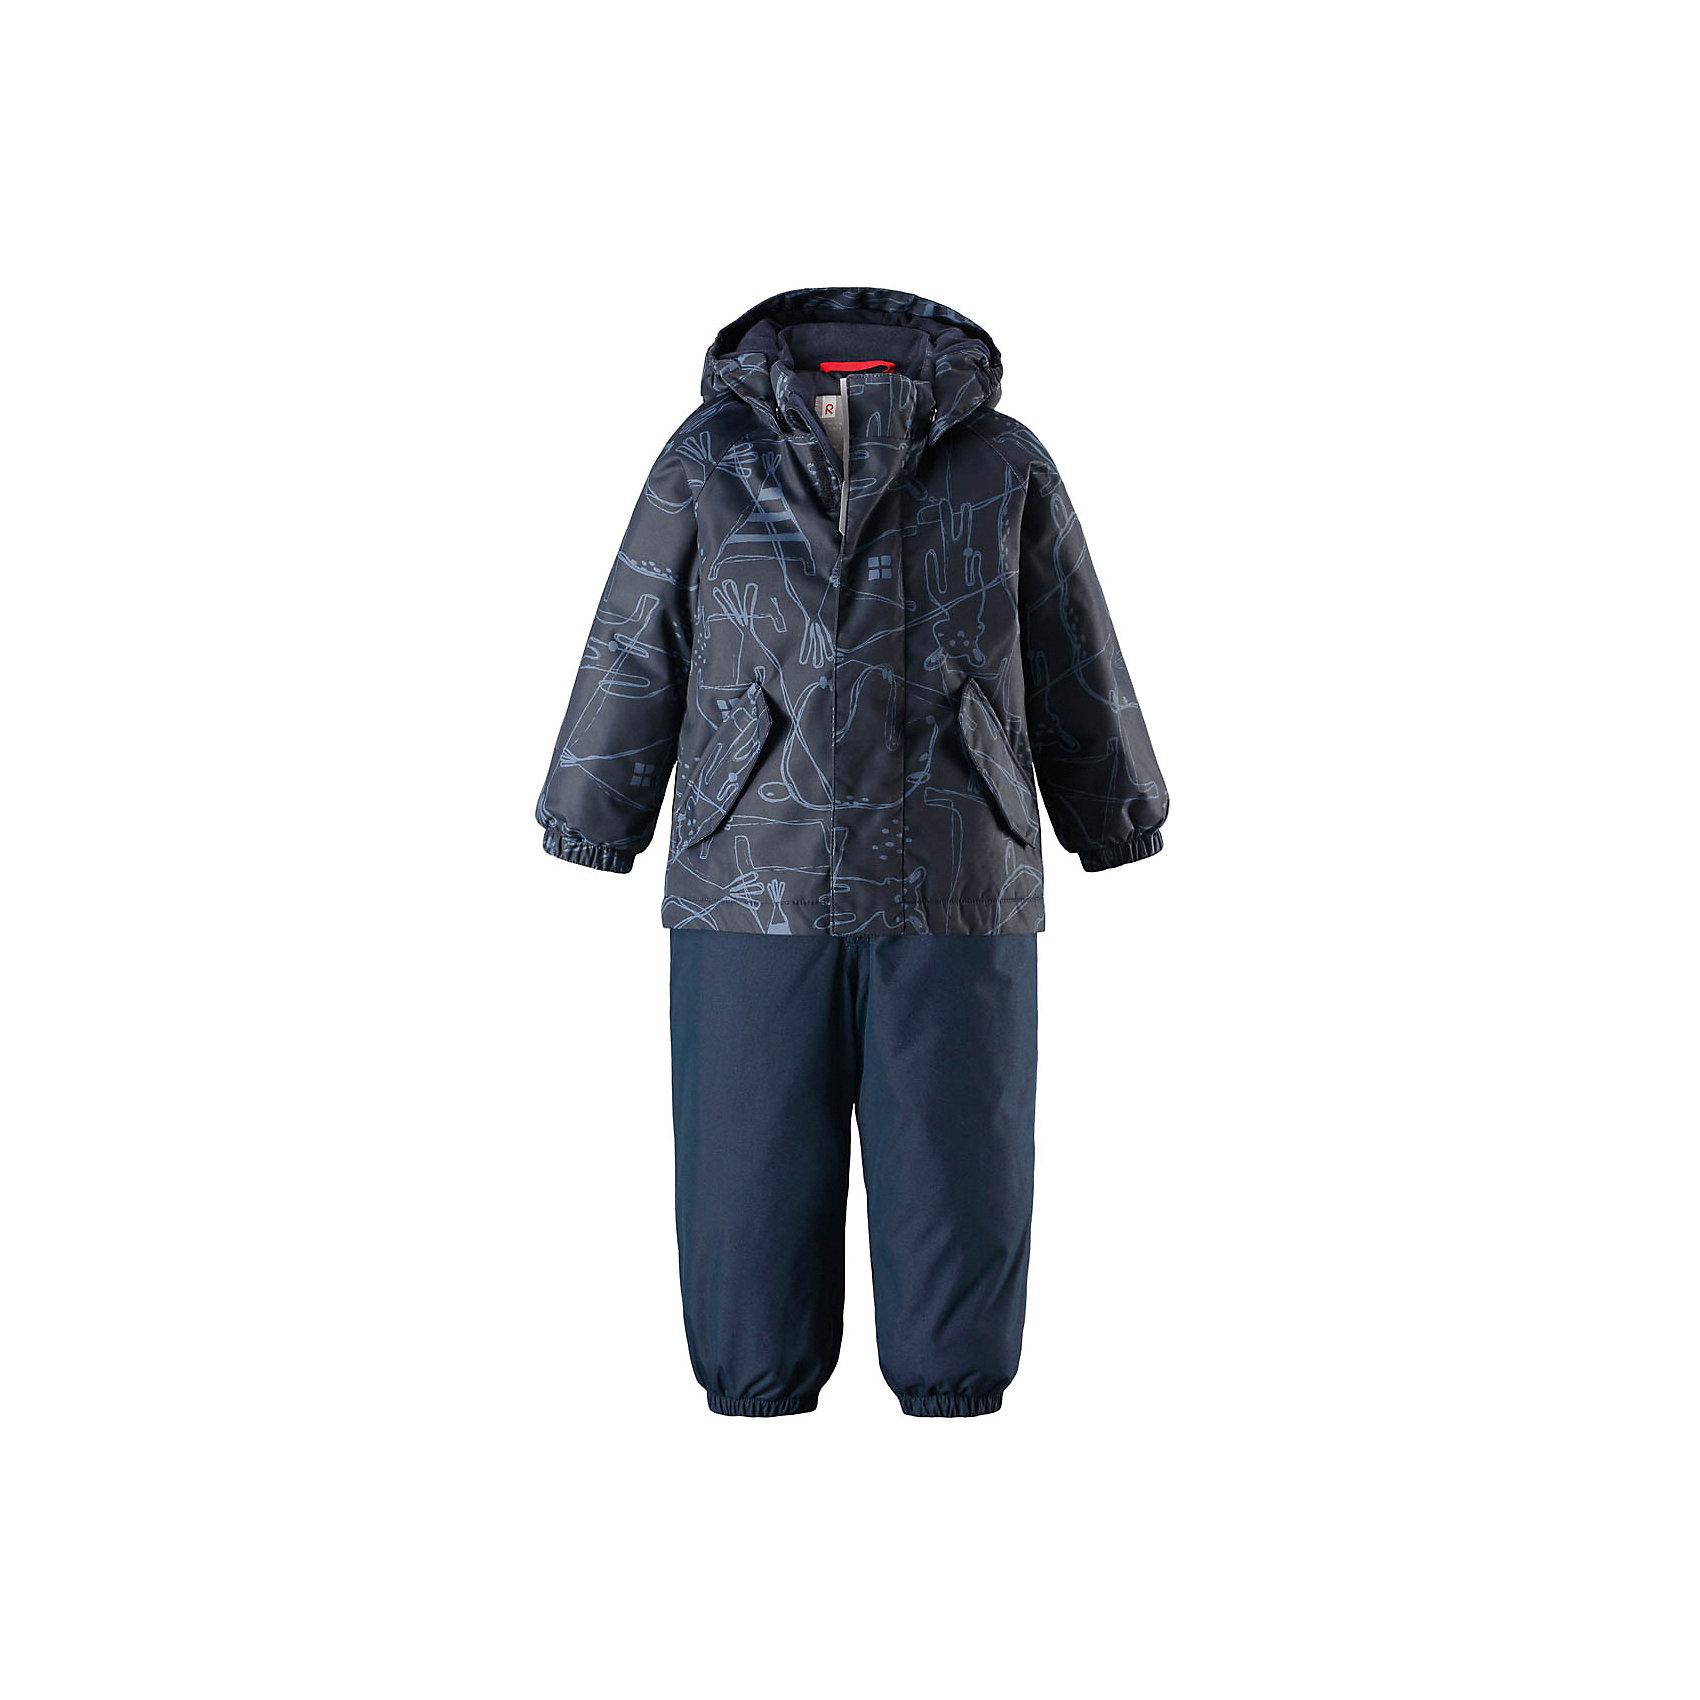 Комплект Olki Reimatec® ReimaОдежда<br>Теплый зимний комплект для малышей сшит из ветро- и водонепроницаемого материала с основными проклеенными и водонепроницаемыми швами. Куртка оснащена съемным капюшоном, который легко отстегивается, если за что-нибудь зацепится. У зимних брюк высокая талия, которая защищает поясницу от холода, а благодаря подтяжкам и штрипкам они будут хорошо сидеть. <br>Состав:<br>100% Полиэстер<br><br>Ширина мм: 356<br>Глубина мм: 10<br>Высота мм: 245<br>Вес г: 519<br>Цвет: синий<br>Возраст от месяцев: 24<br>Возраст до месяцев: 36<br>Пол: Унисекс<br>Возраст: Детский<br>Размер: 98,80,86,92<br>SKU: 6968305